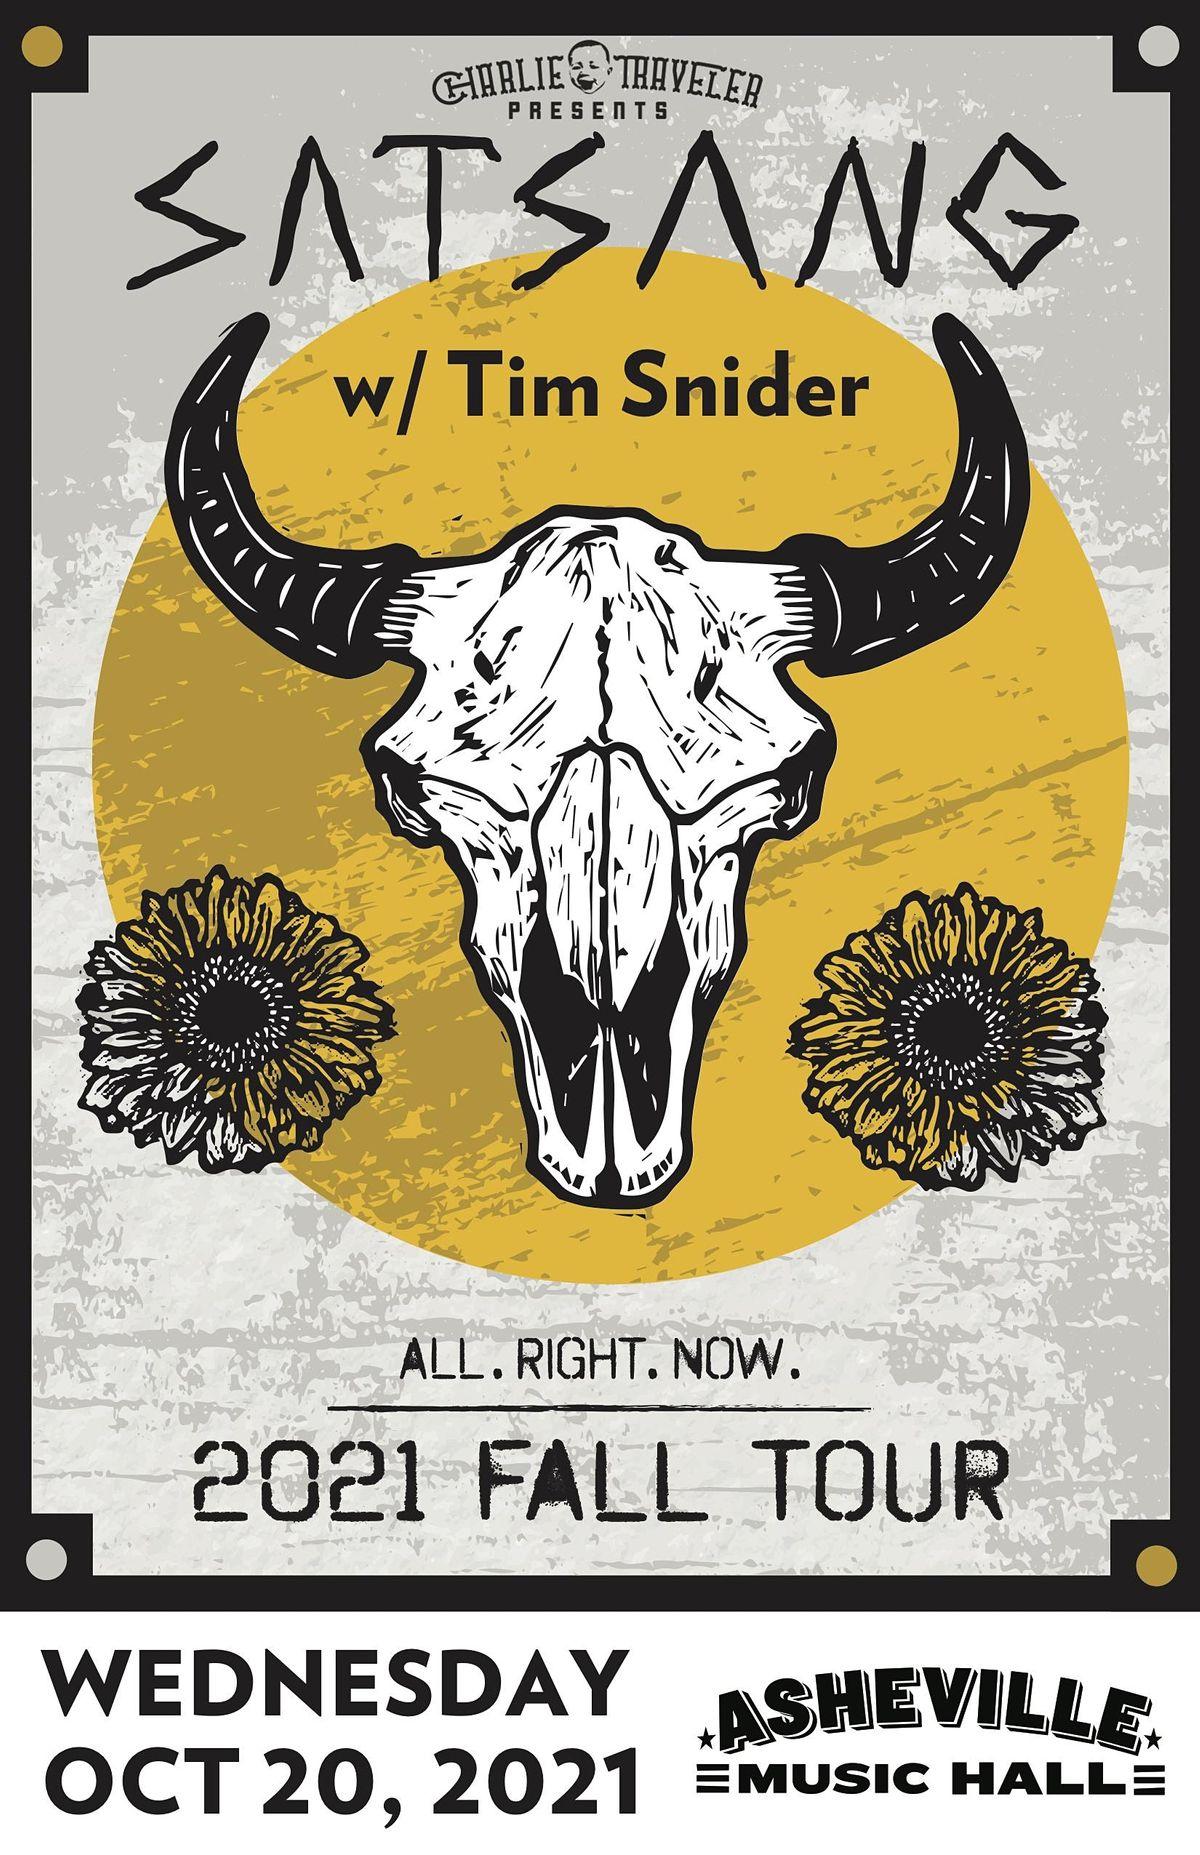 CHARLIE TRAVELER PRESENTS: Satsang w/Tim Snider - [reggae / soul / folkhop], 20 October | Event in Asheville